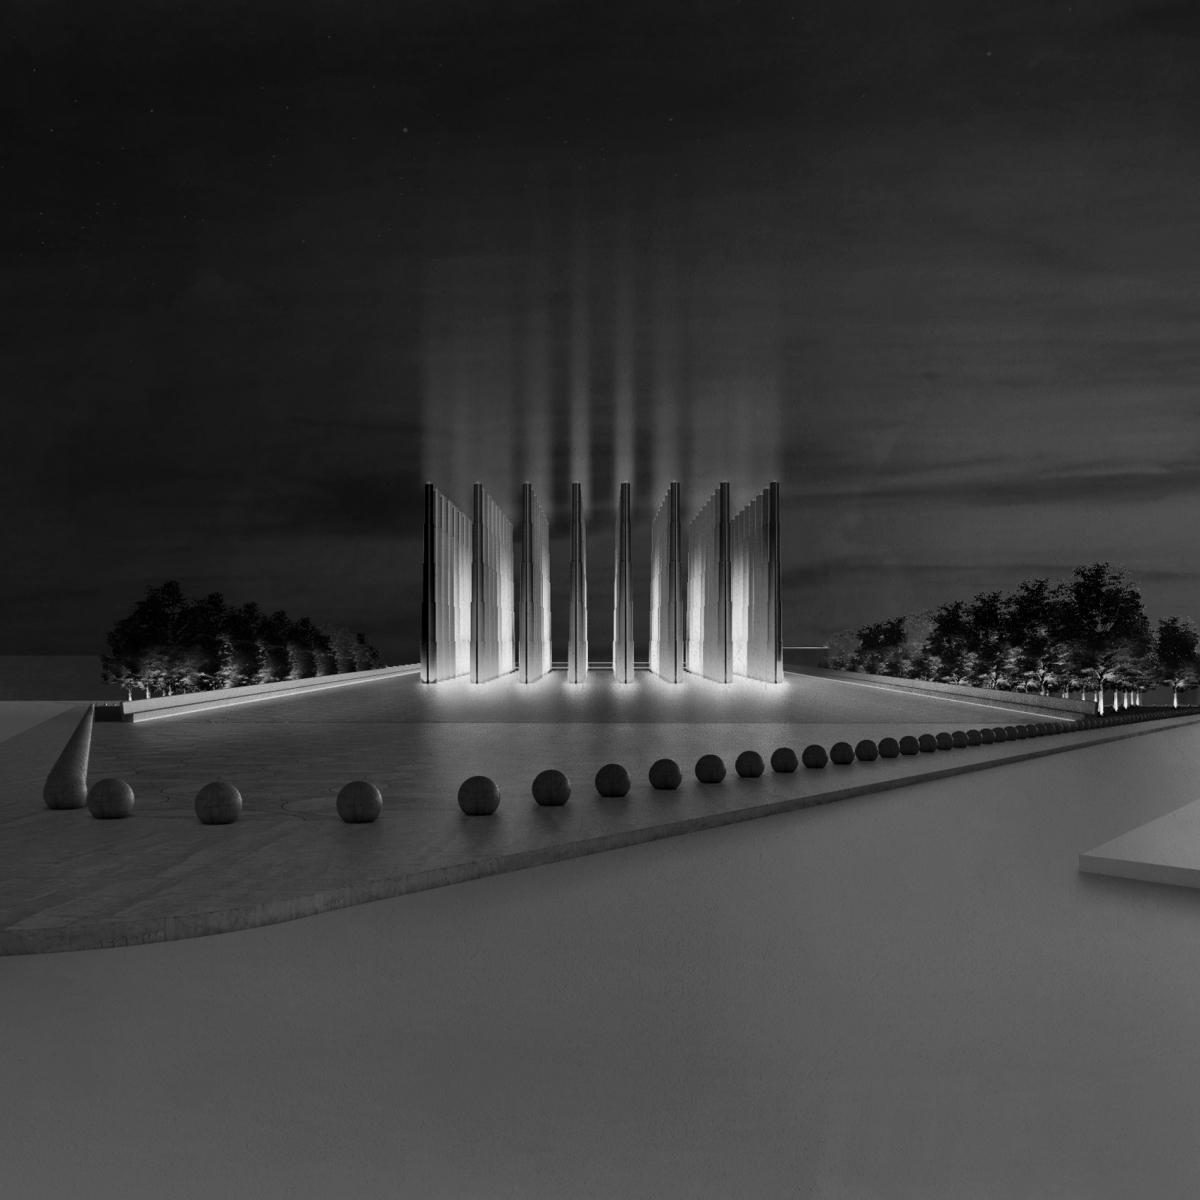 Tại quốc gia Tây Phi Niger, Công ty thiết kế Adjaye Associates sẽ hoàn thành một công trình đài tưởng niệm. Với kết cấu gồm 56 cột bê tông hình ngôi sao dài 20 mét lên không trung, nằm bên trên một căn phòng lớn.